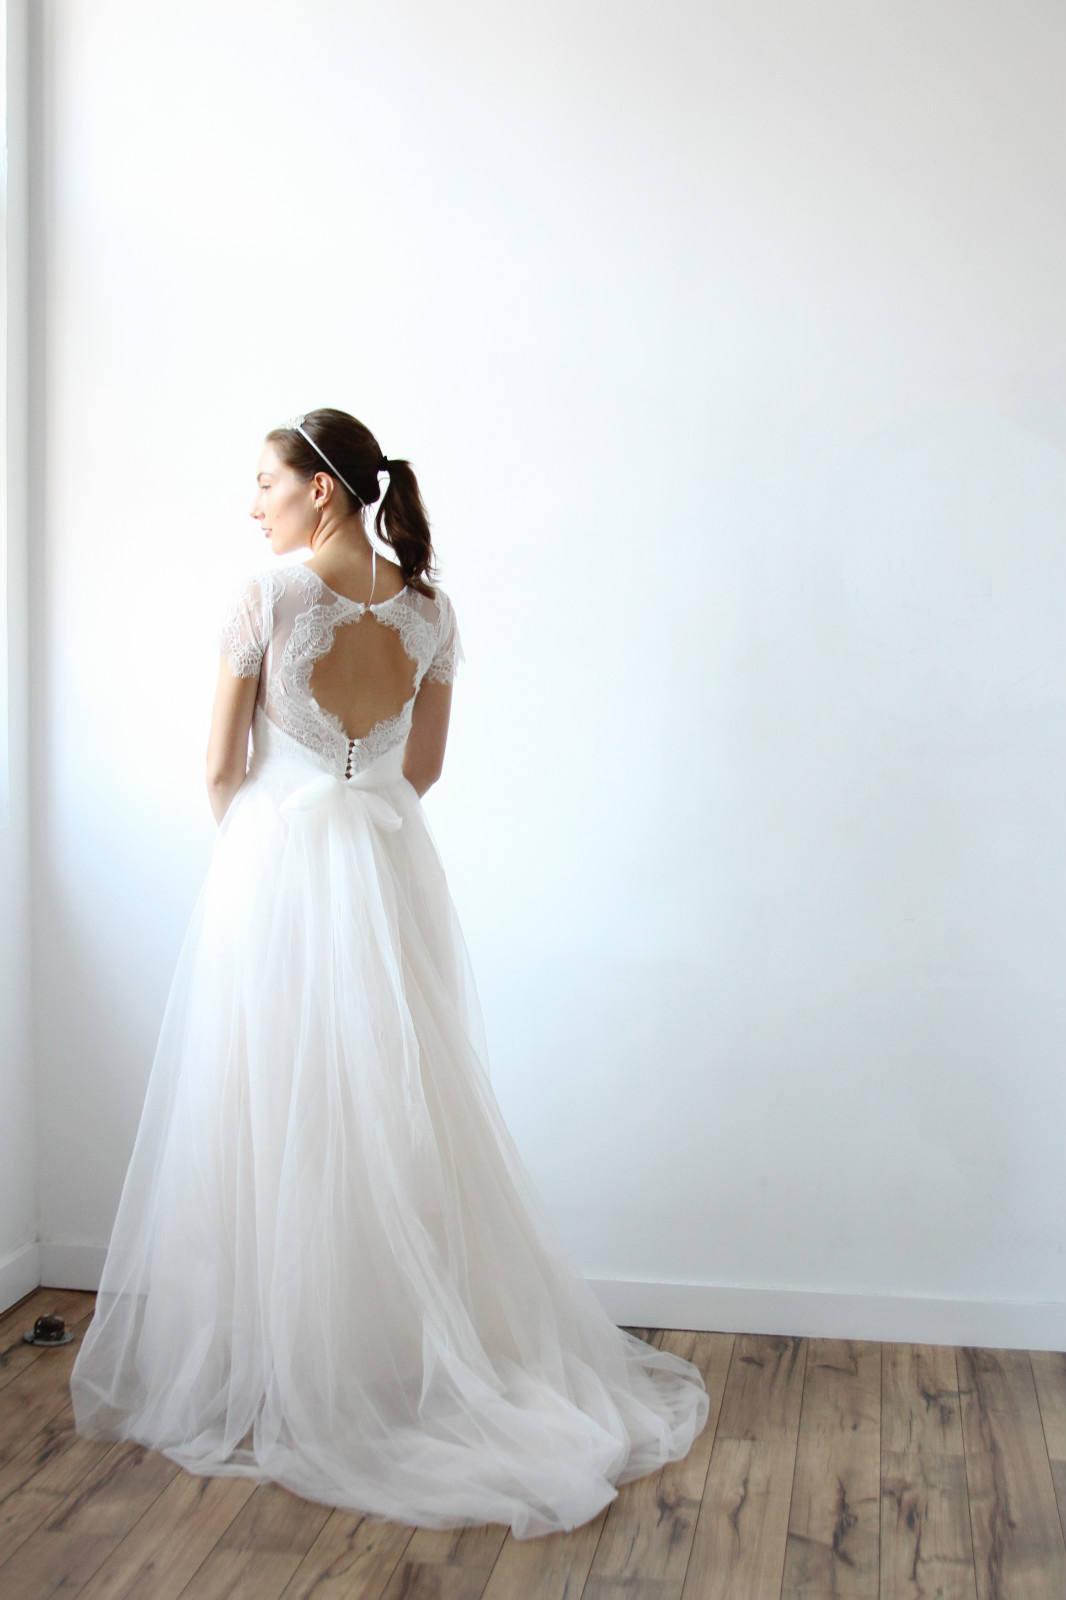 Tolle Probe Verkaufen Brautkleider Nyc Fotos - Brautkleider Ideen ...